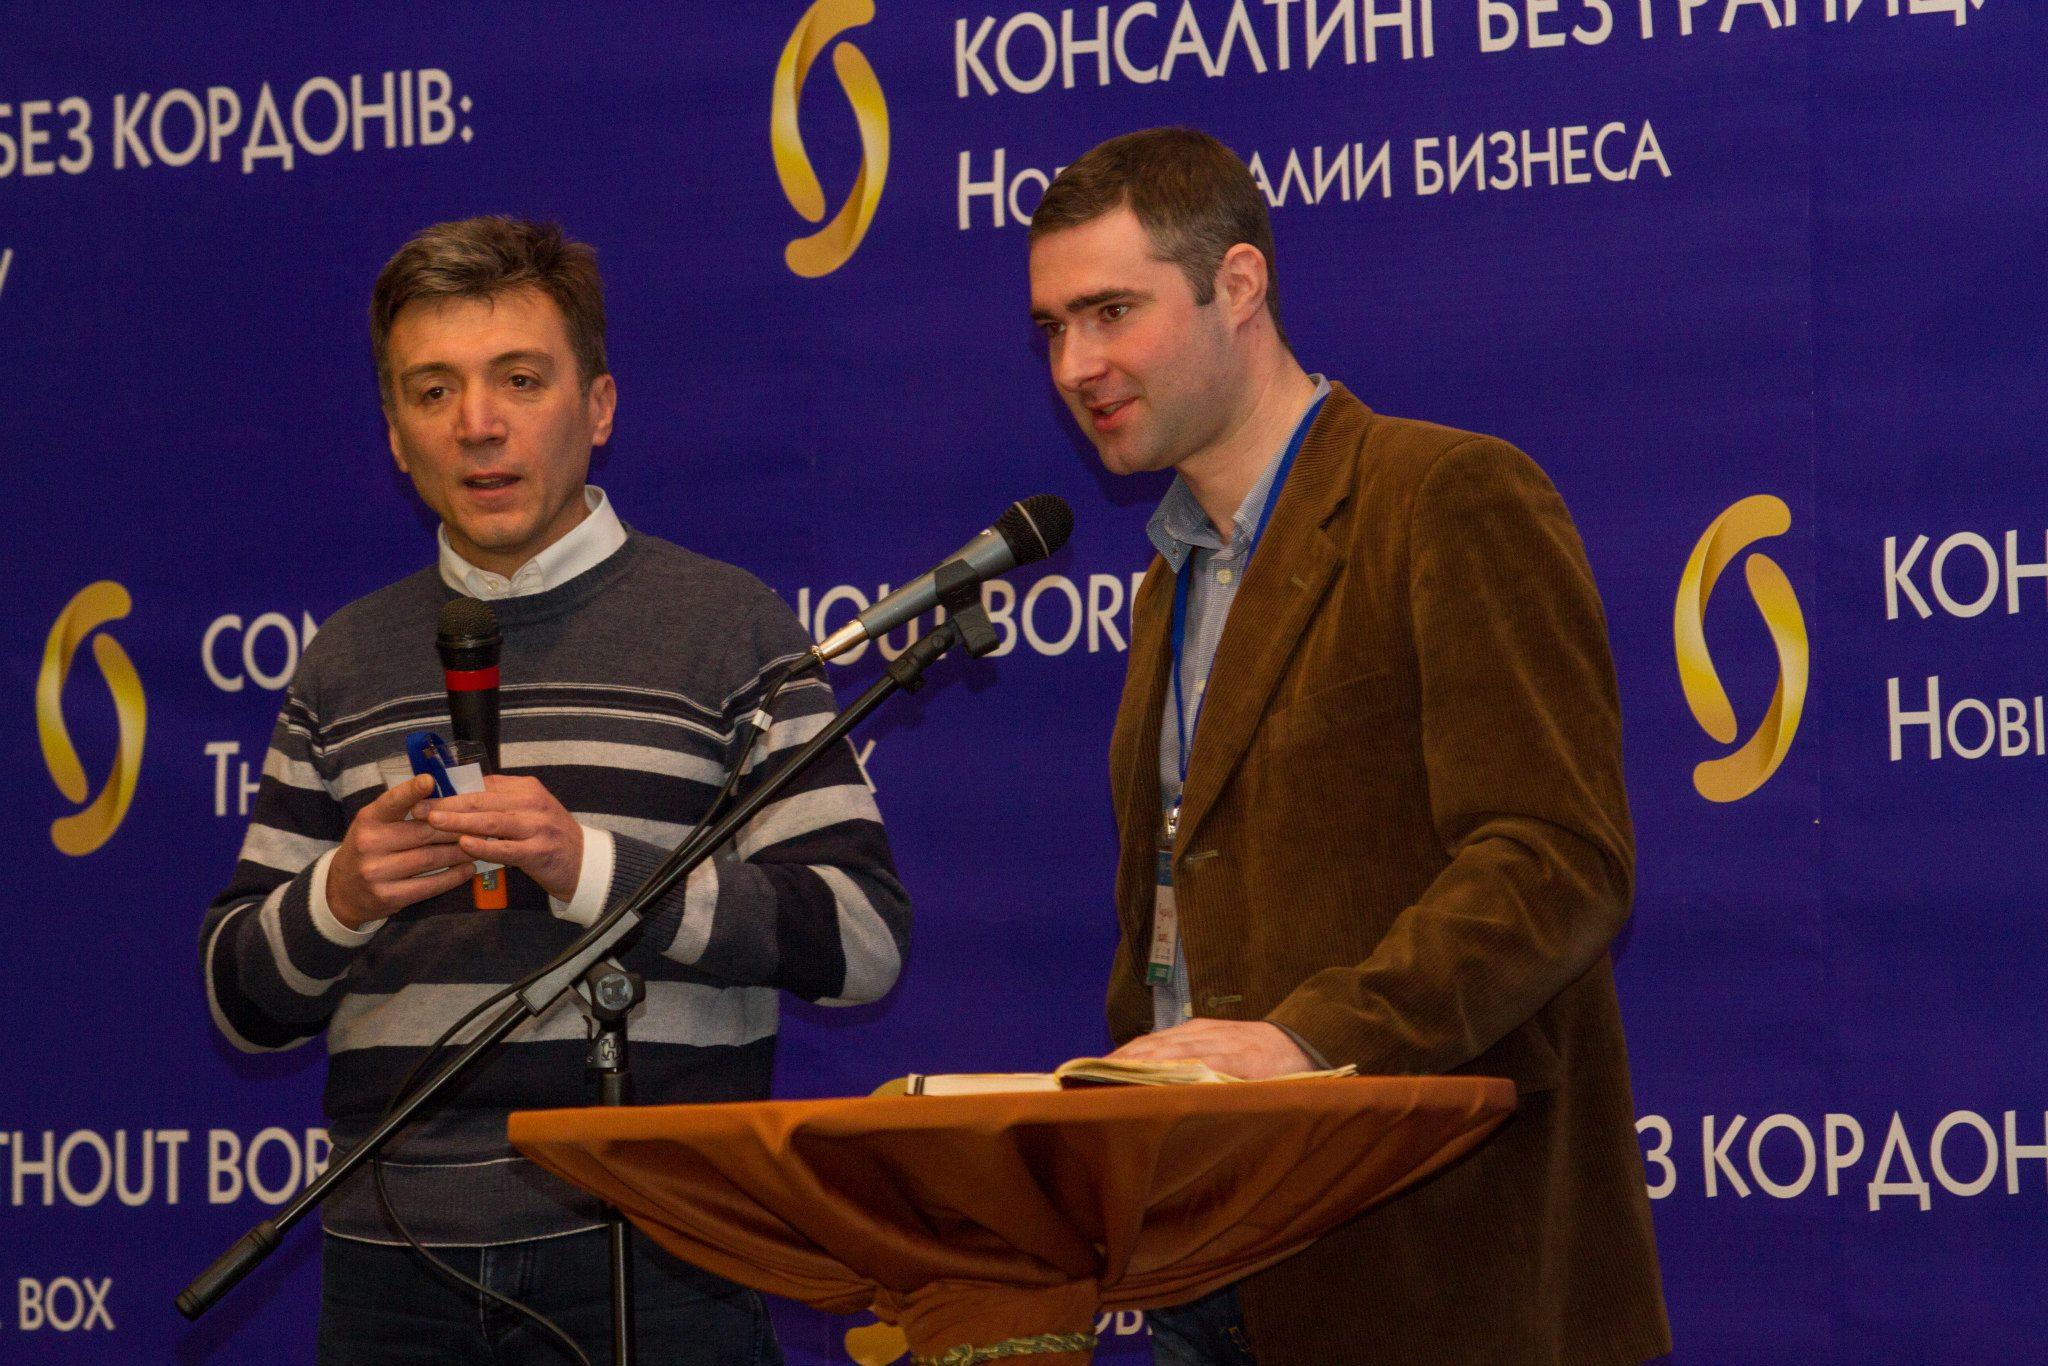 """Міжнародна конференція """"Консалтинг без кордонів-2013"""""""